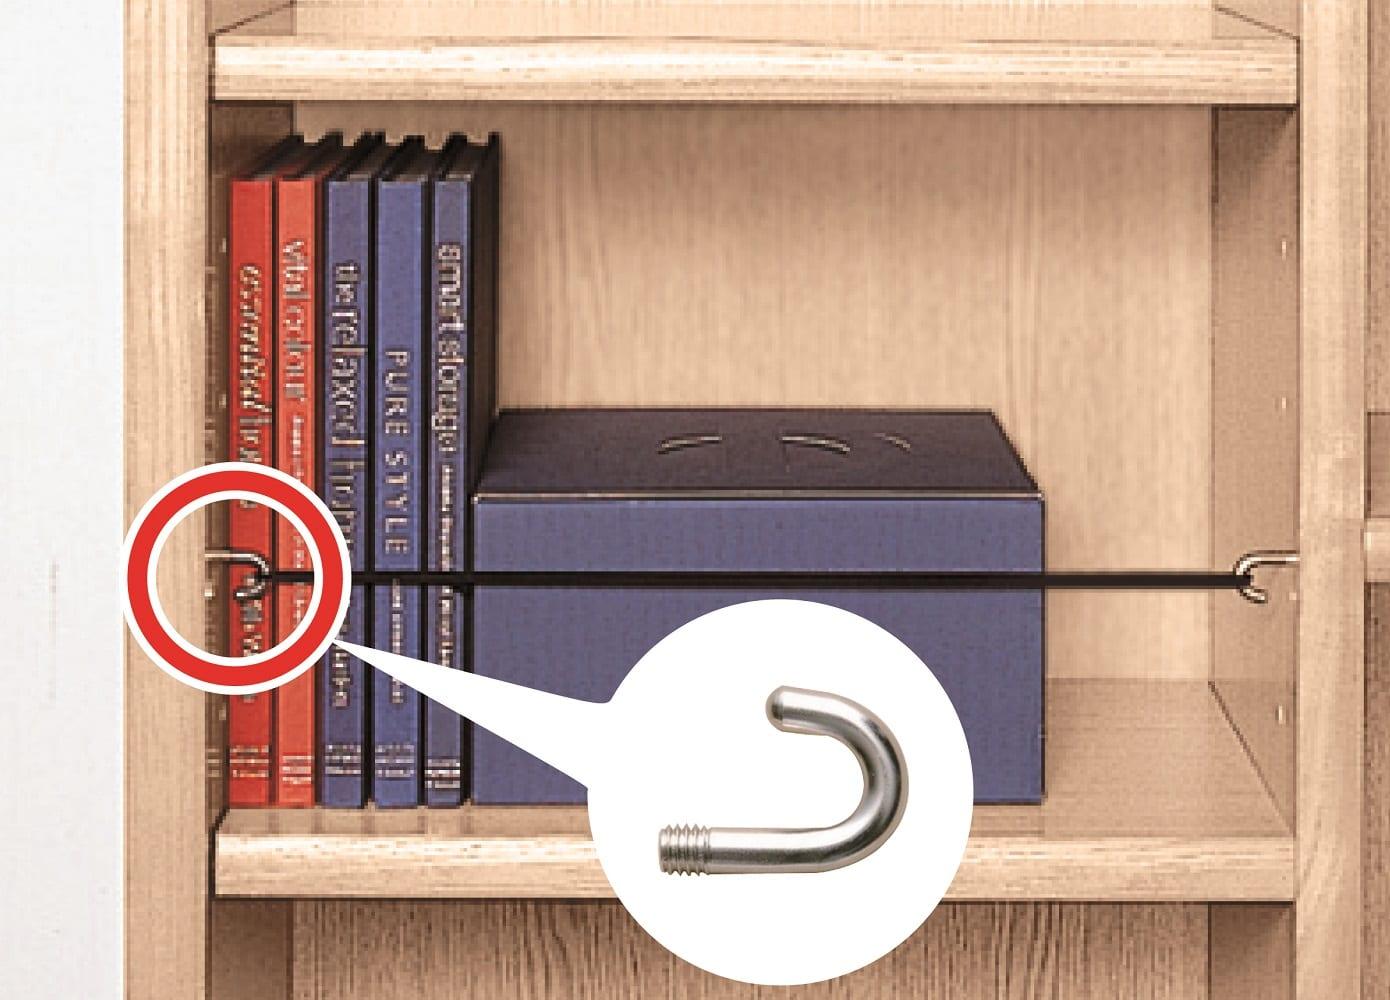 小島工芸 上置 アコード85A(ホワイト):収納物飛び出しを防ぐアコード専用フック